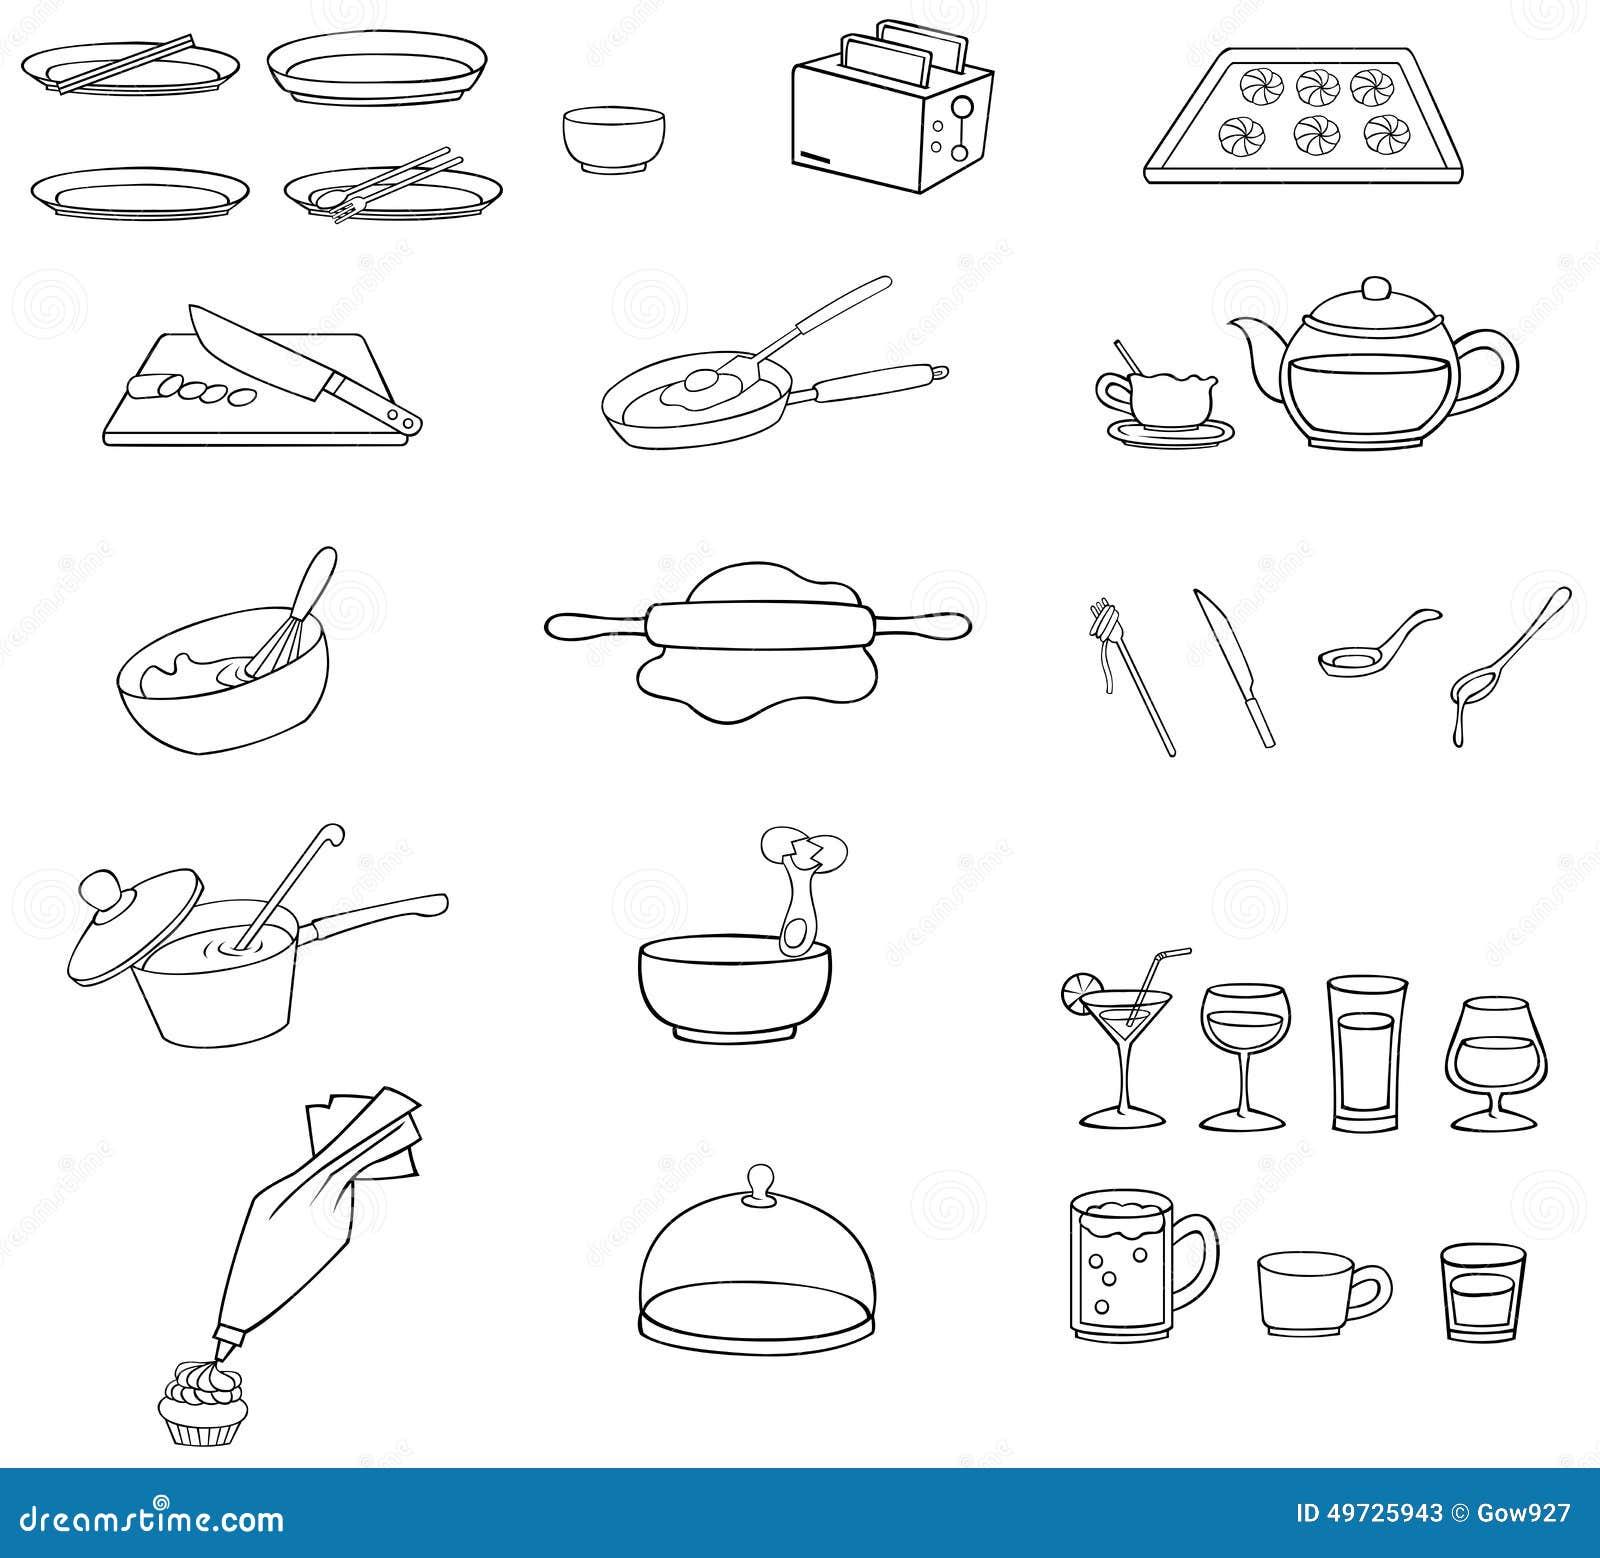 Noir et blanc ensemble d 39 ic ne de vaisselle de cuisine de - Vaisselle et ustensiles de cuisine ...